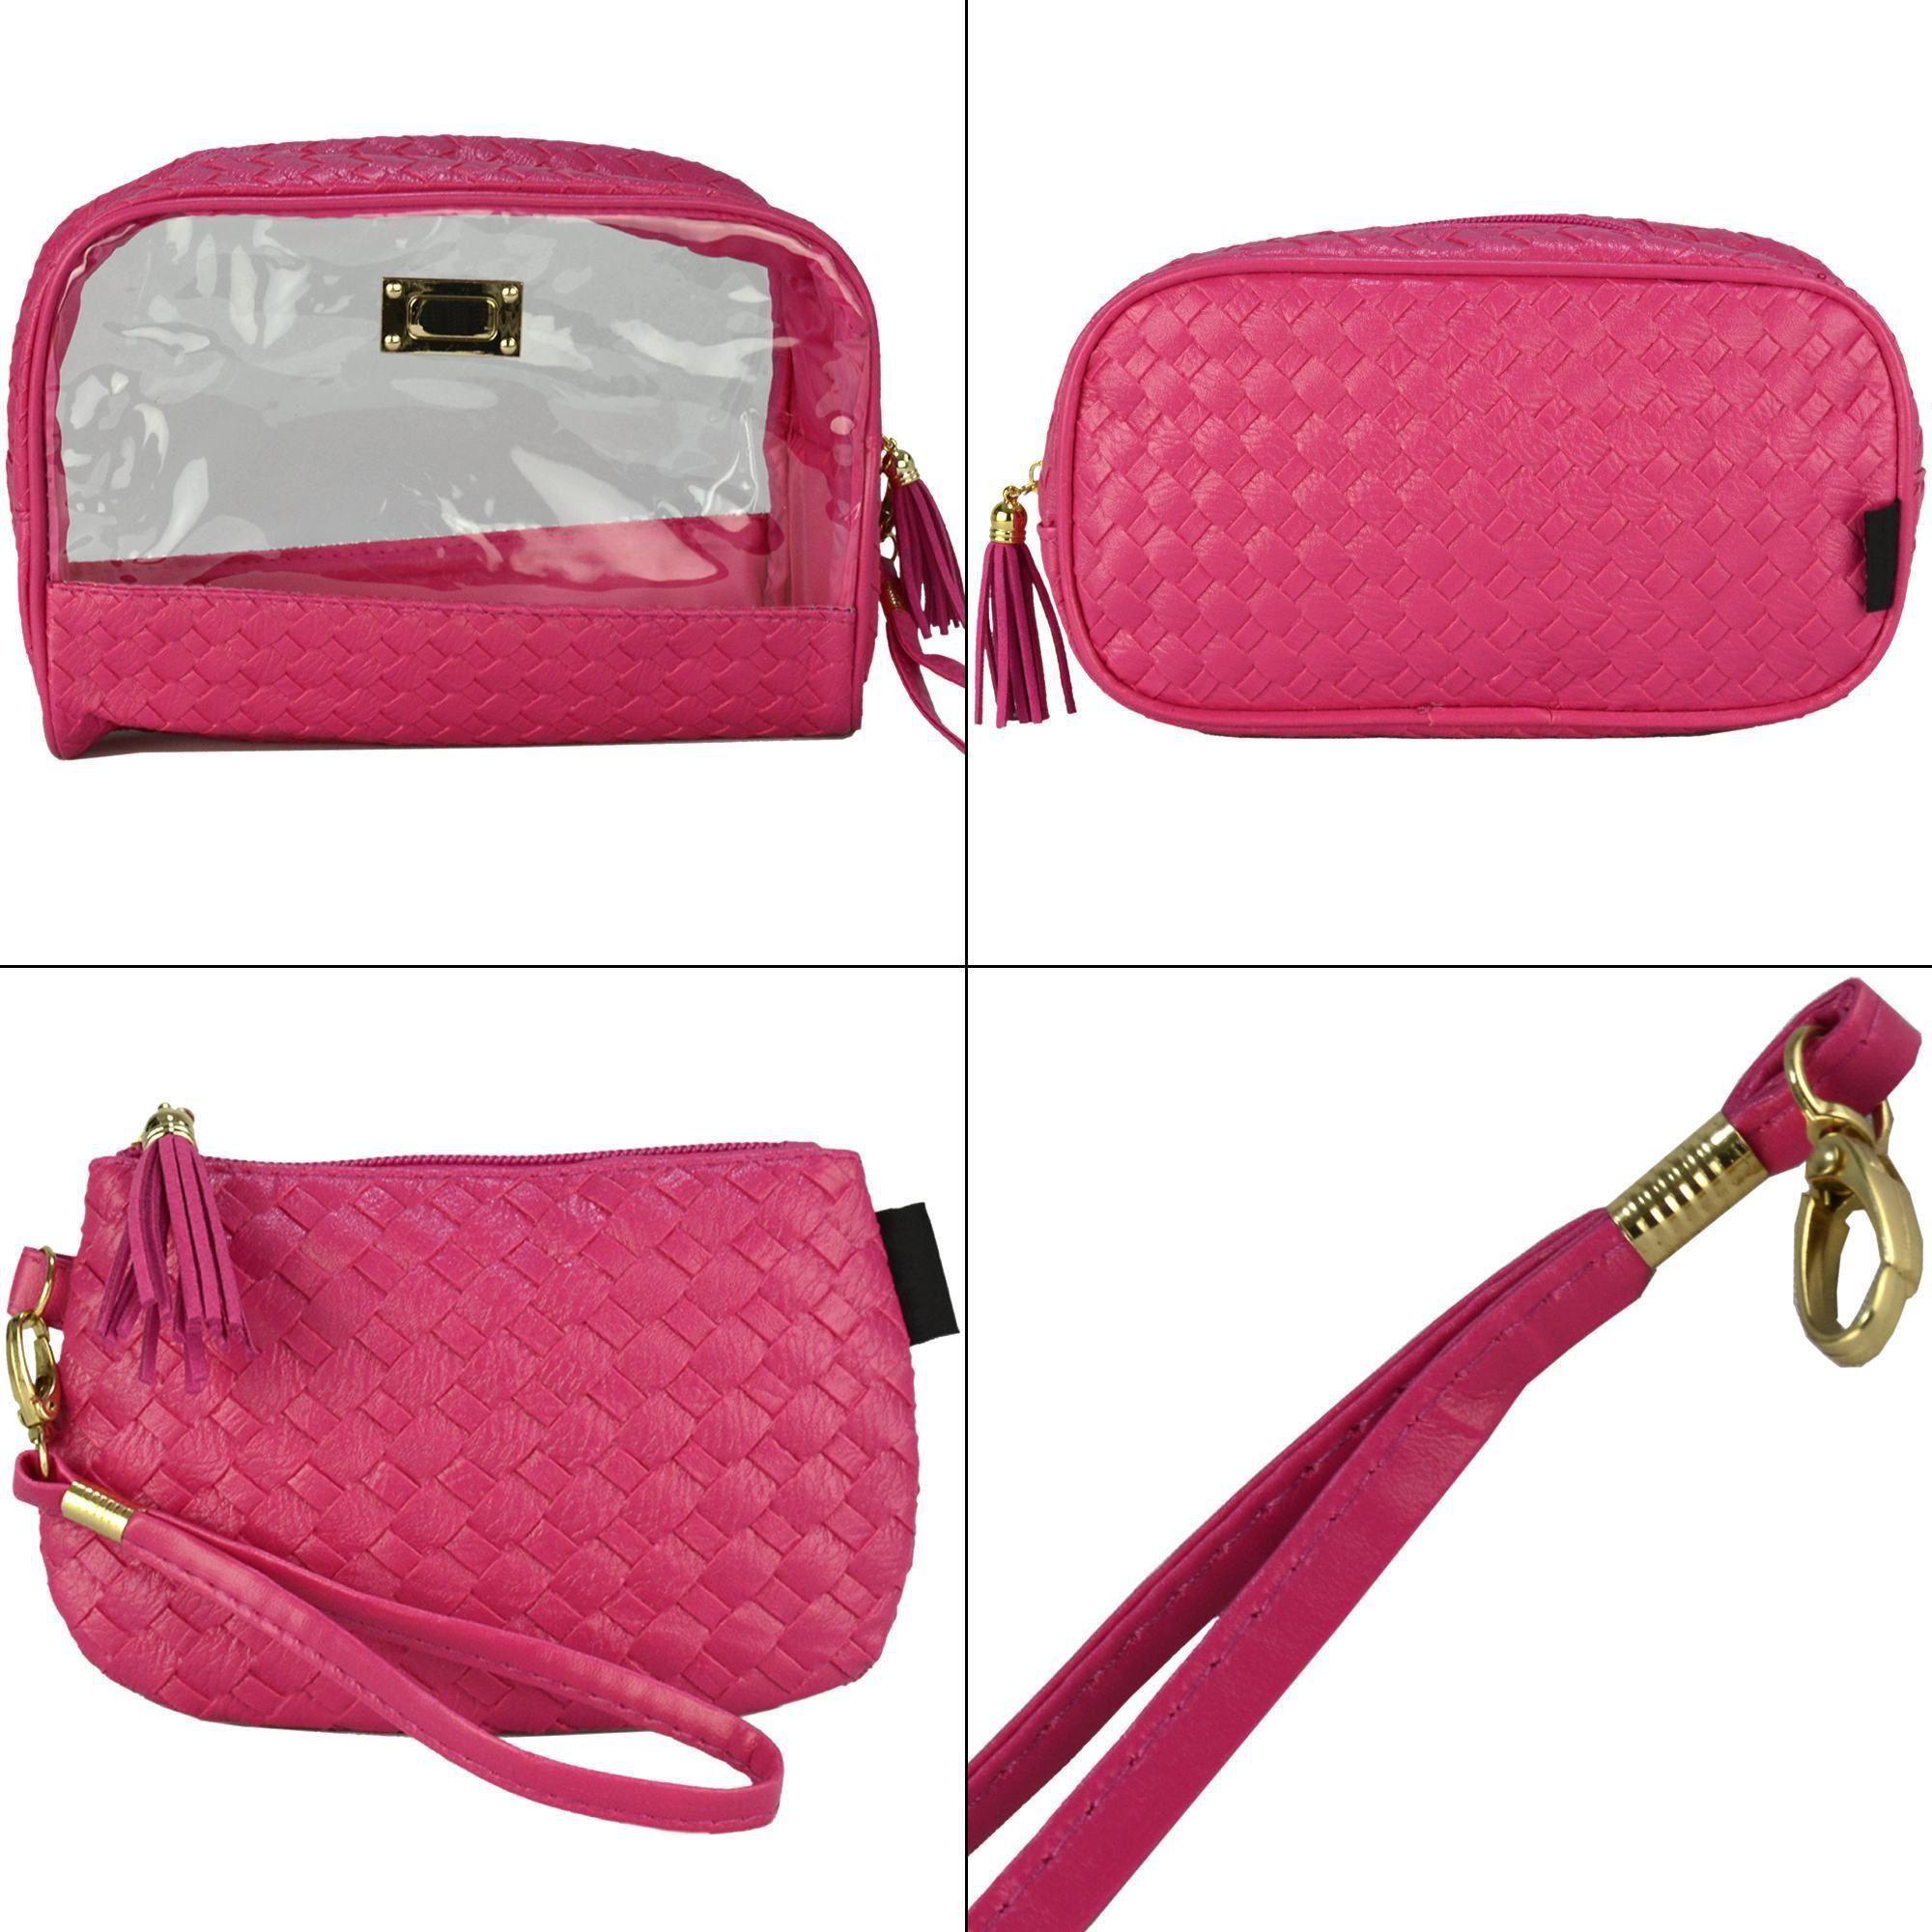 Frasqueiras Necessaire Feminina Luxo Pink Kit 3 Peças CBRN08285